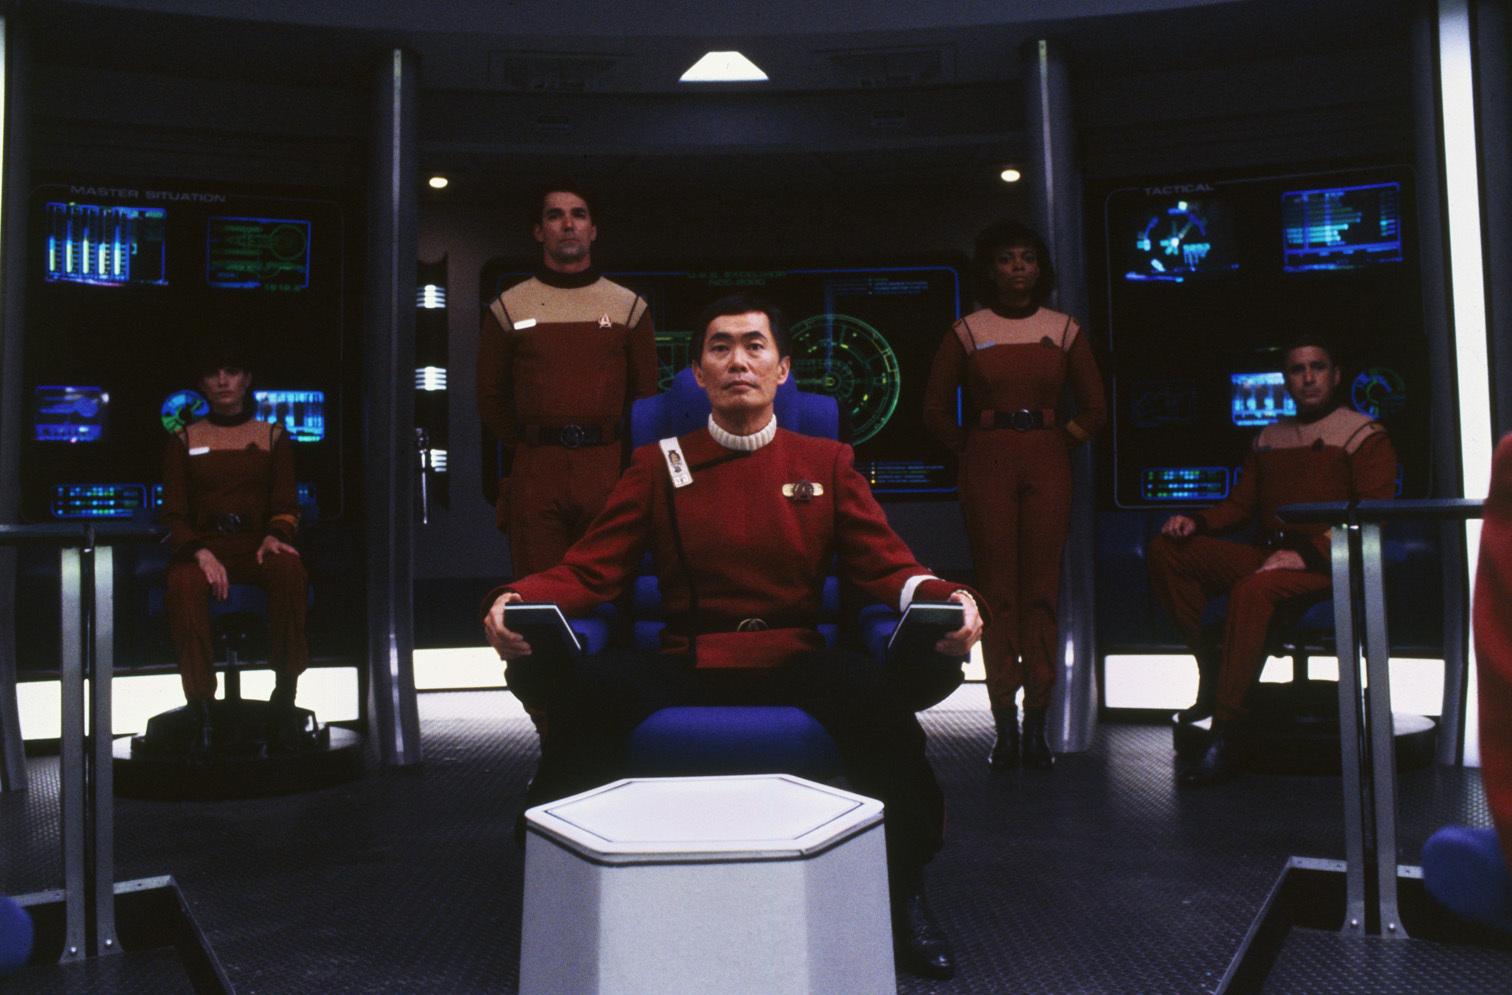 Captain-Sulu-captain-hikaru-sulu-2190291